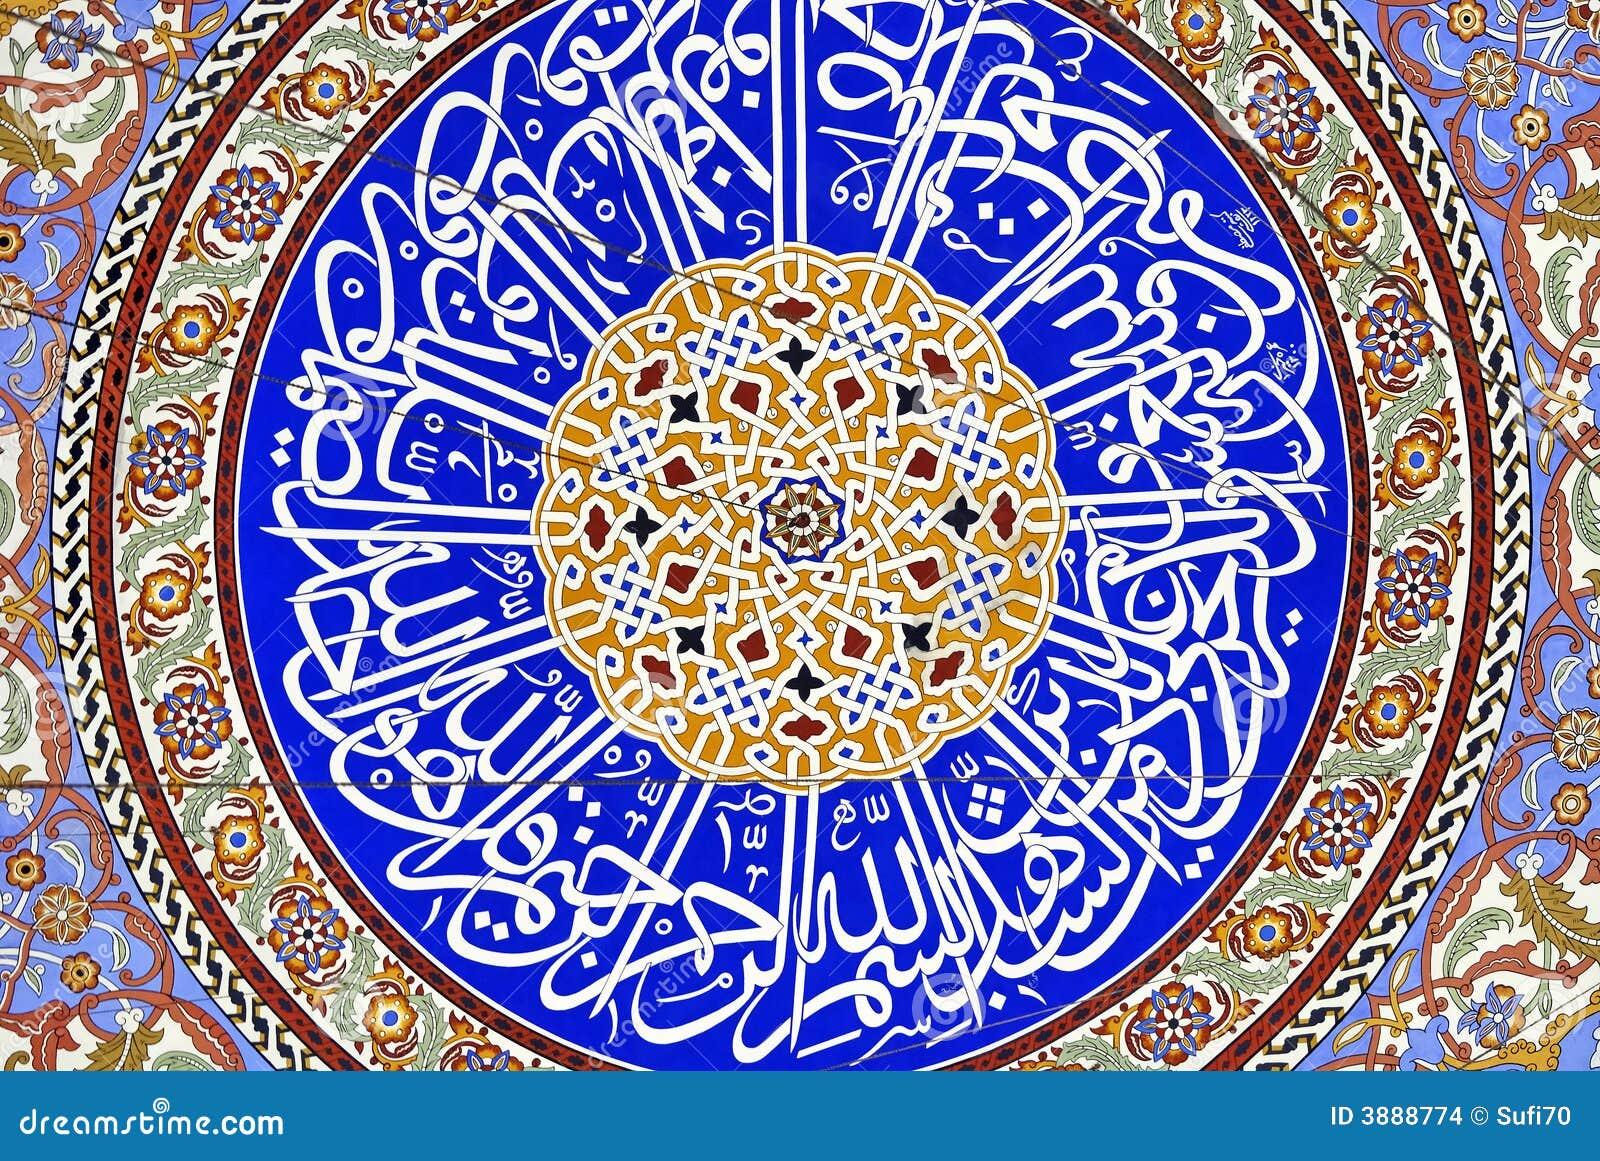 Arabische kalligraphie in der moschee stockfoto bild for Arabische dekoration